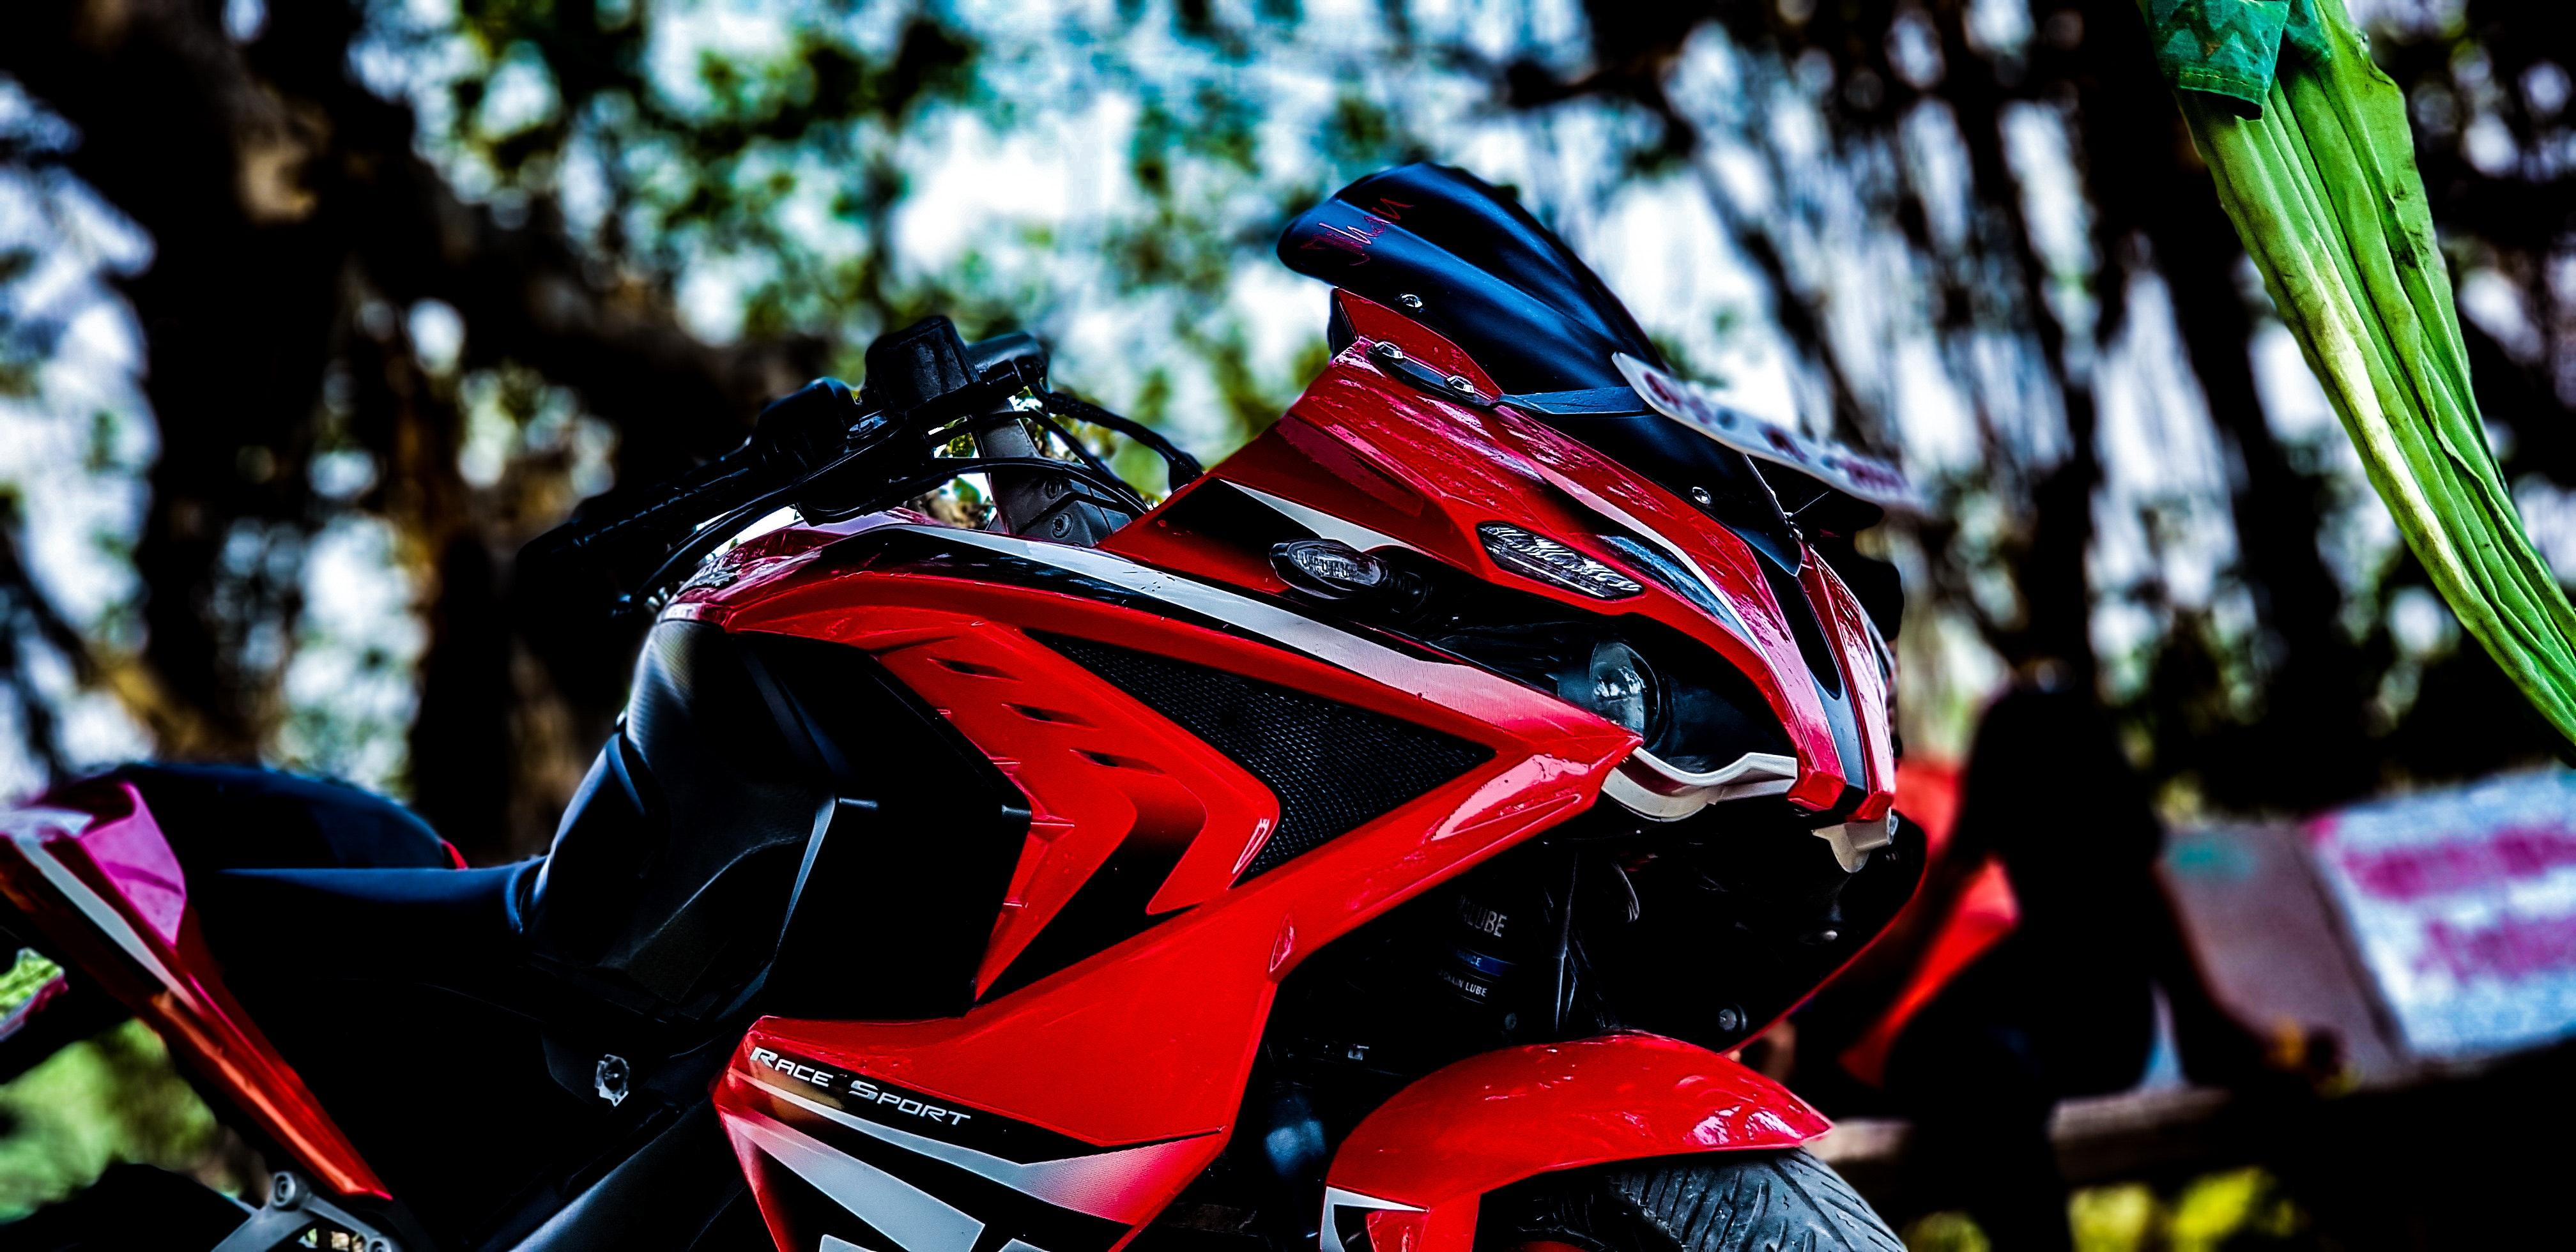 Free stock photo of bike, bike racing, bike rider